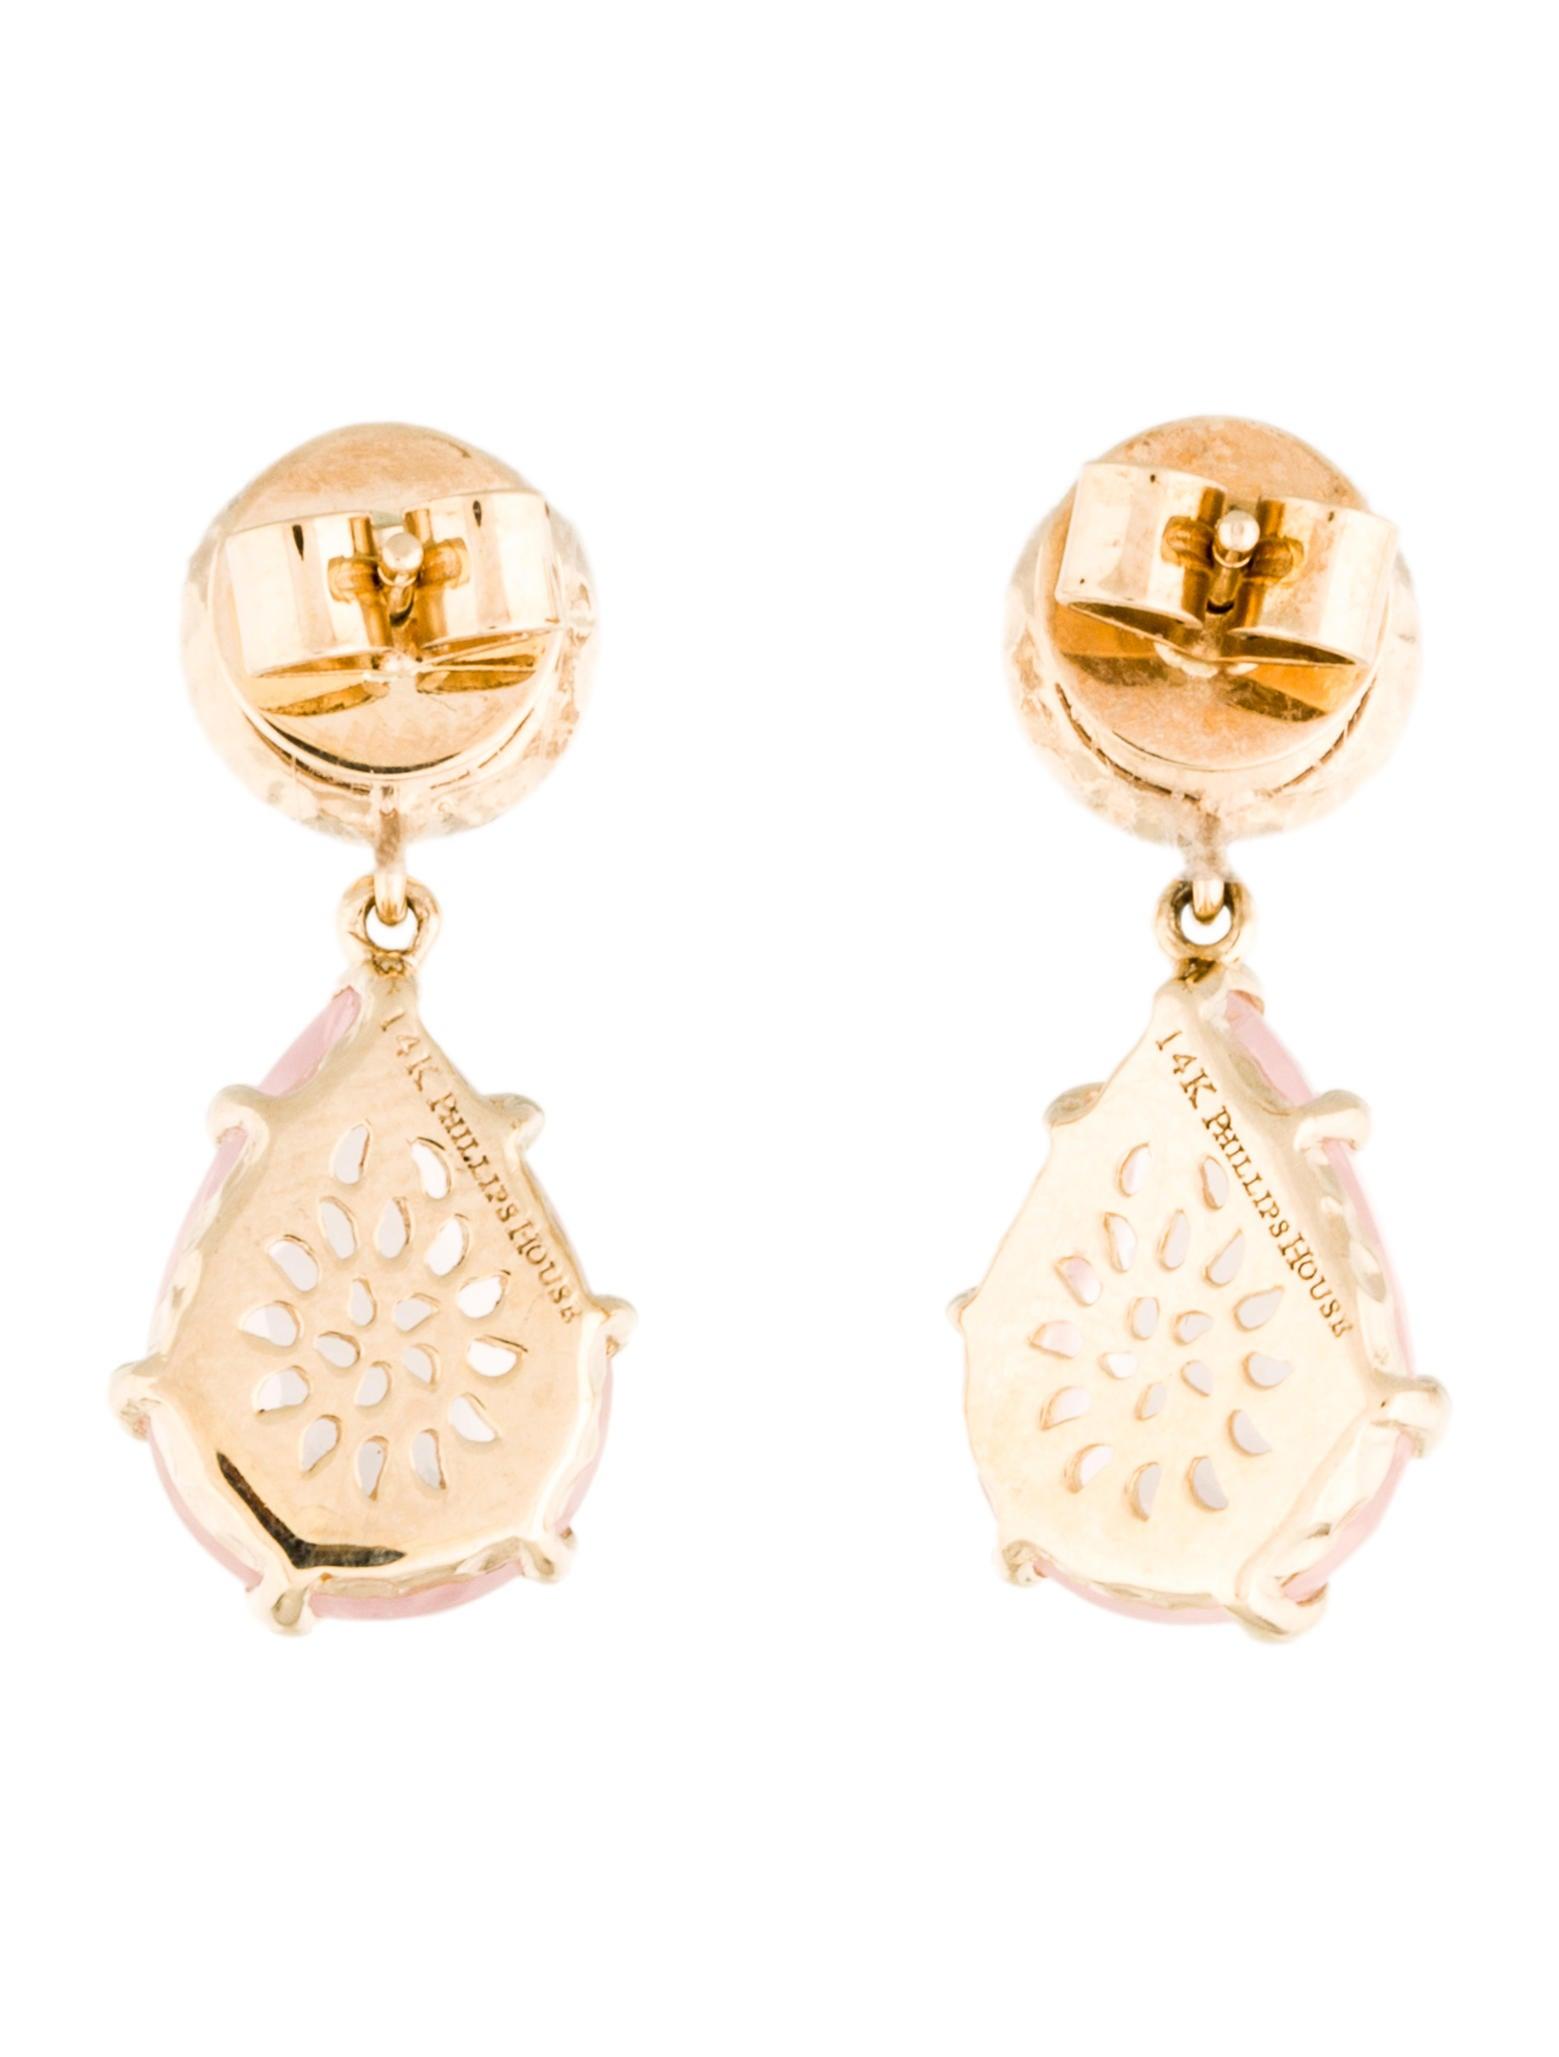 phillips house 14k diamond rose quartz sunset earrings